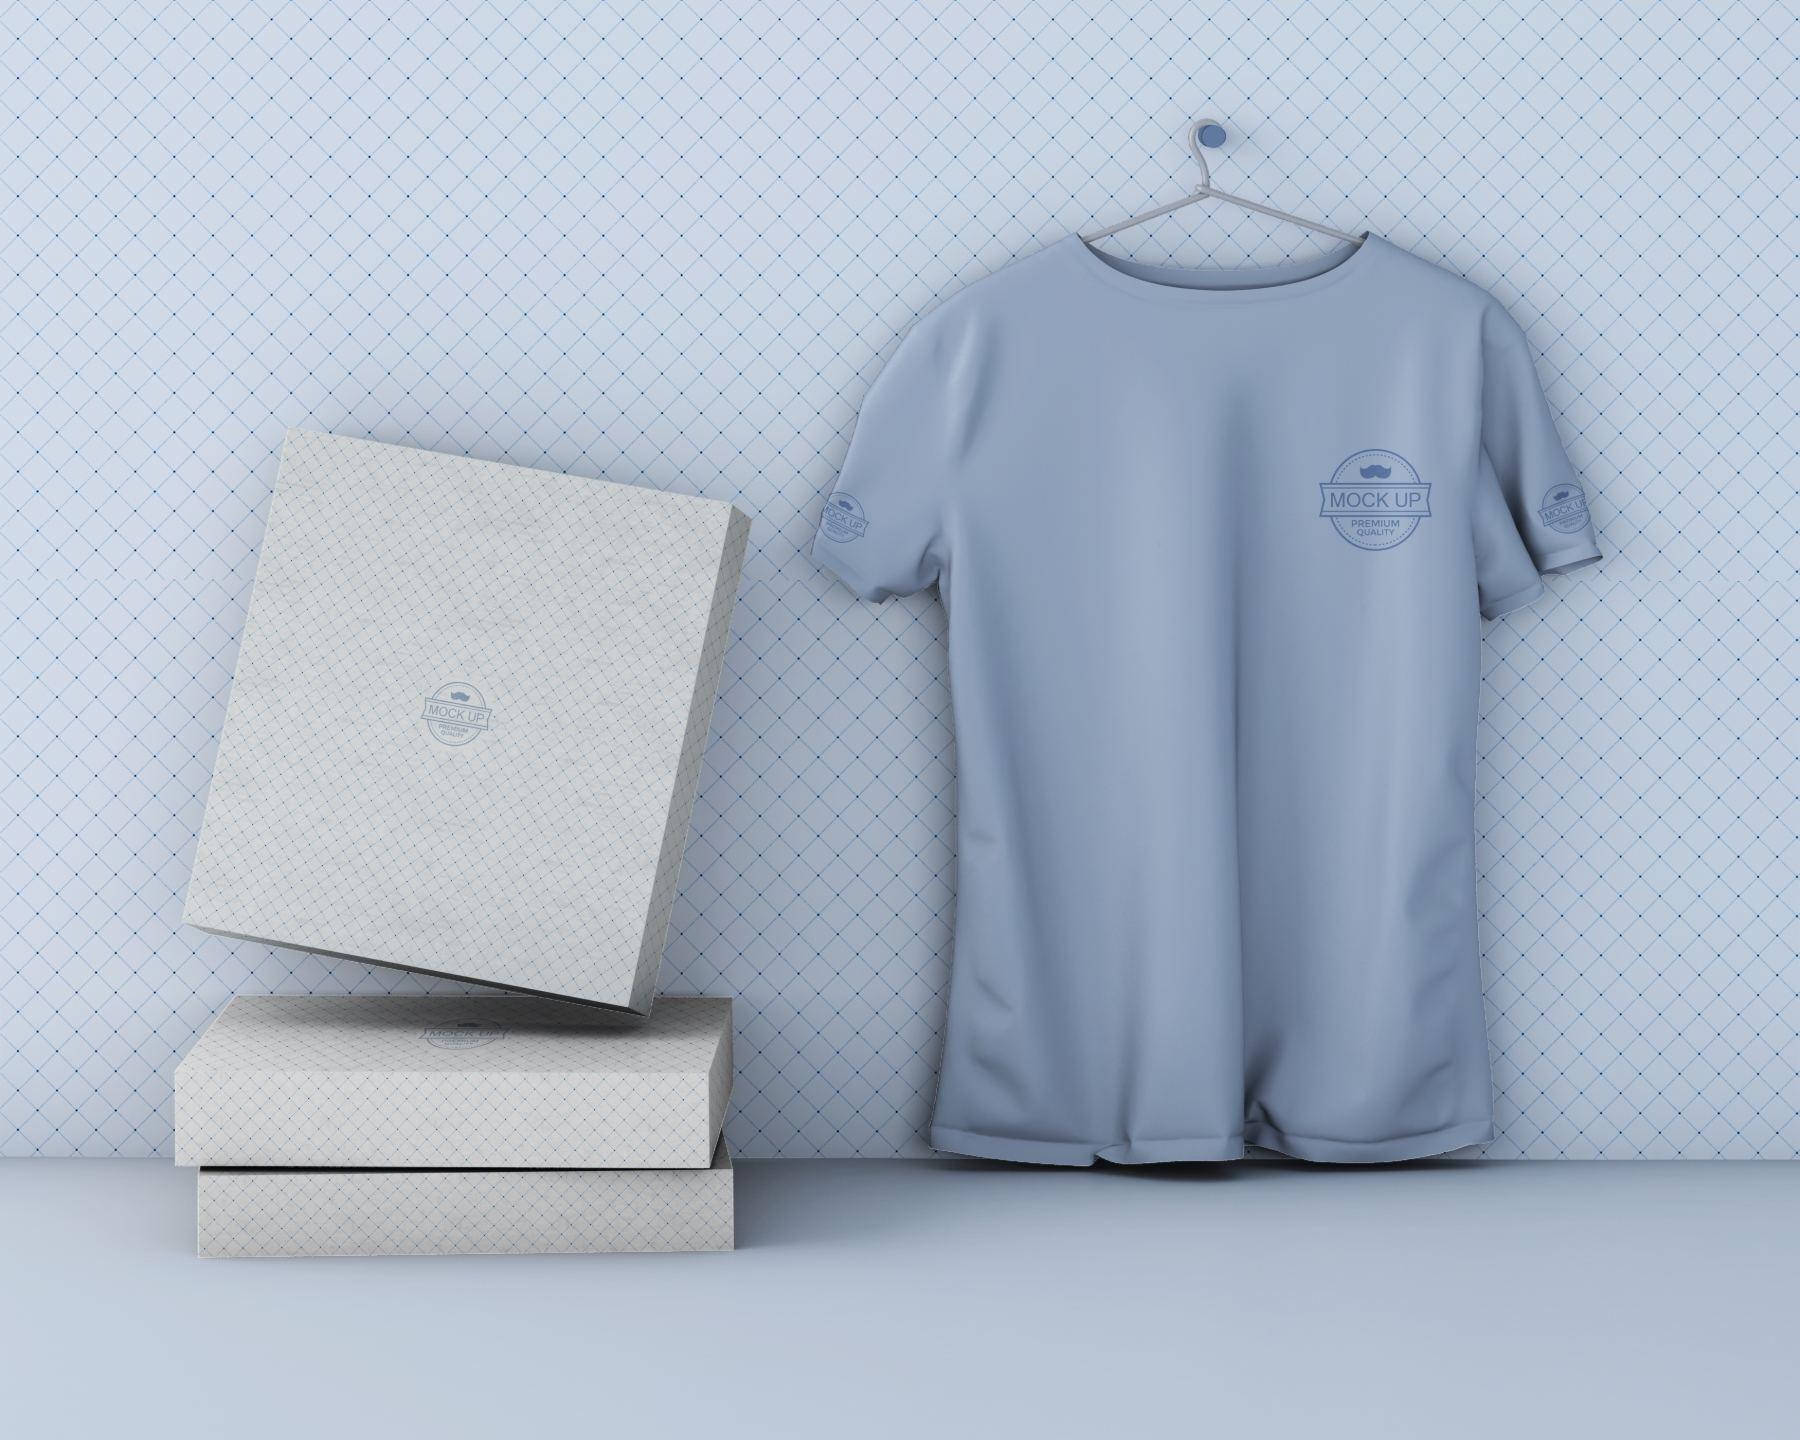 c02fa2d5878450d - 潮流印花短袖T恤衣架悬挂上装样机